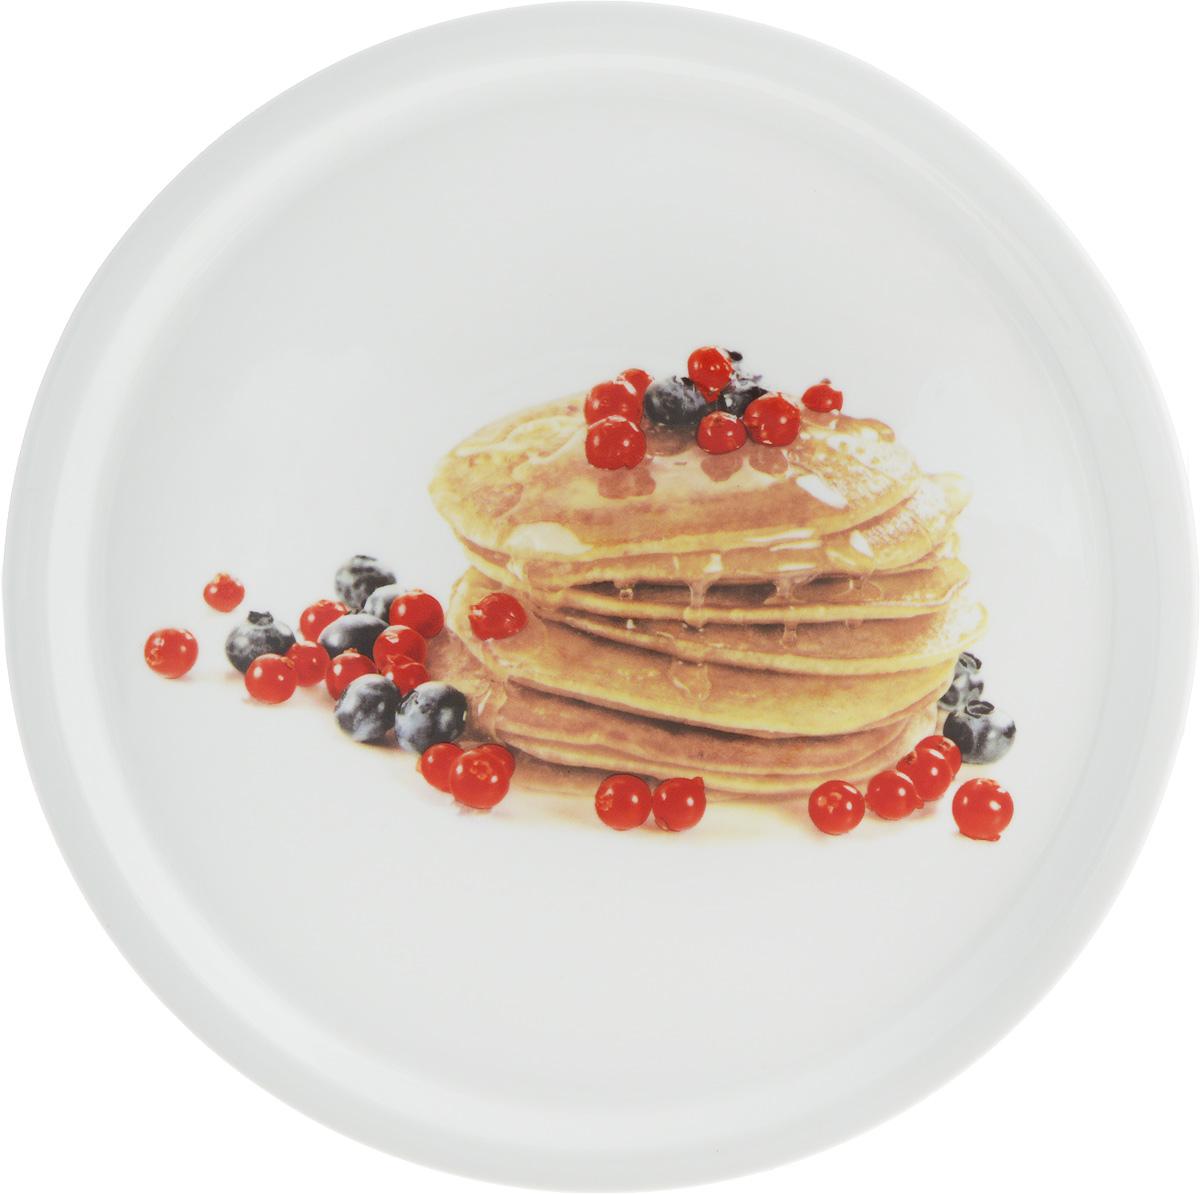 Тарелка для блинов Elan Gallery Блины с ягодами, диаметр 25 см сувениры религиозные elan gallery тарелка декоративная пресвятая богородица владимирская